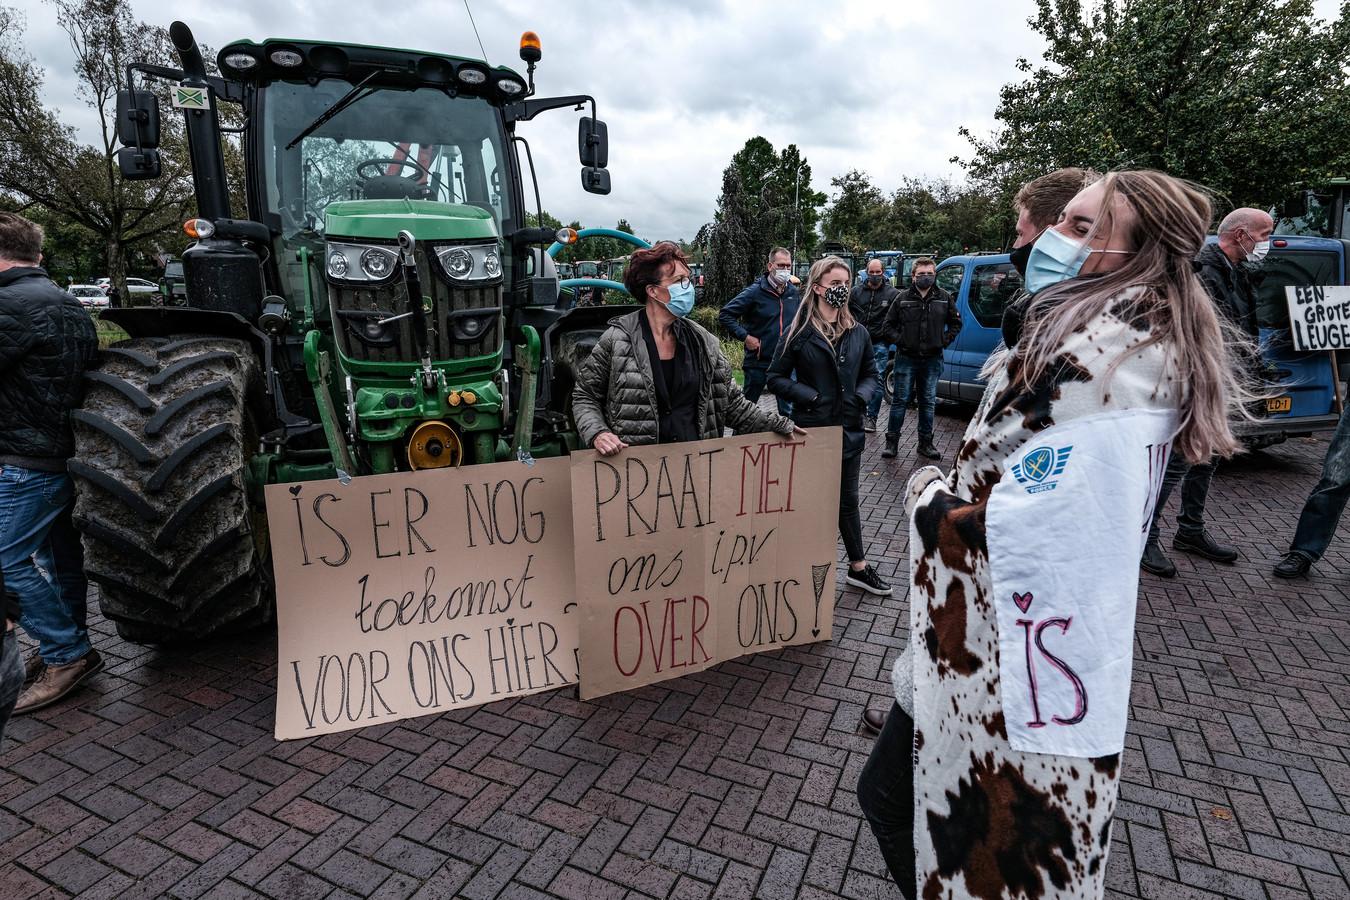 Boeren gaan dinsdag opnieuw de straat op tegen onder meer de stikstofplannen van het kabinet.